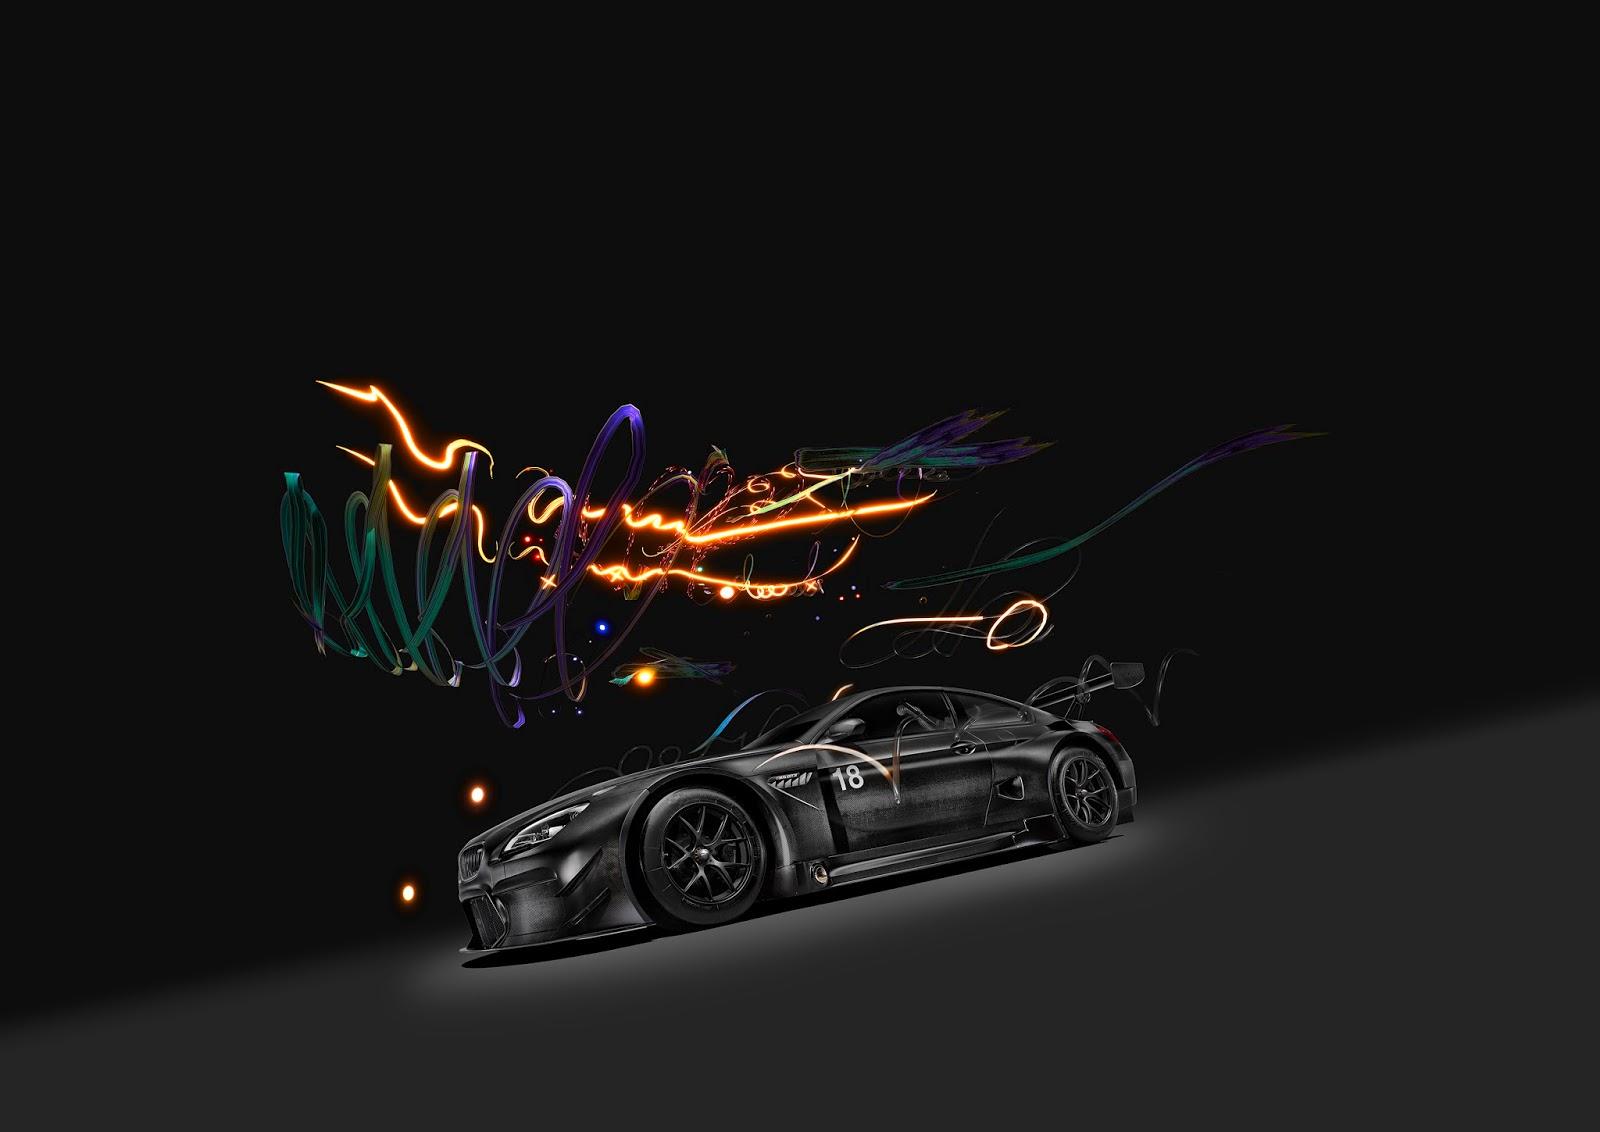 P90259899 highRes bmw art car 18 by ca 1 Μια BMW M6 GT3 το πρώτο ψηφιακό Art Car Art, BMW, Bmw Art Car, BMW M6 GT3